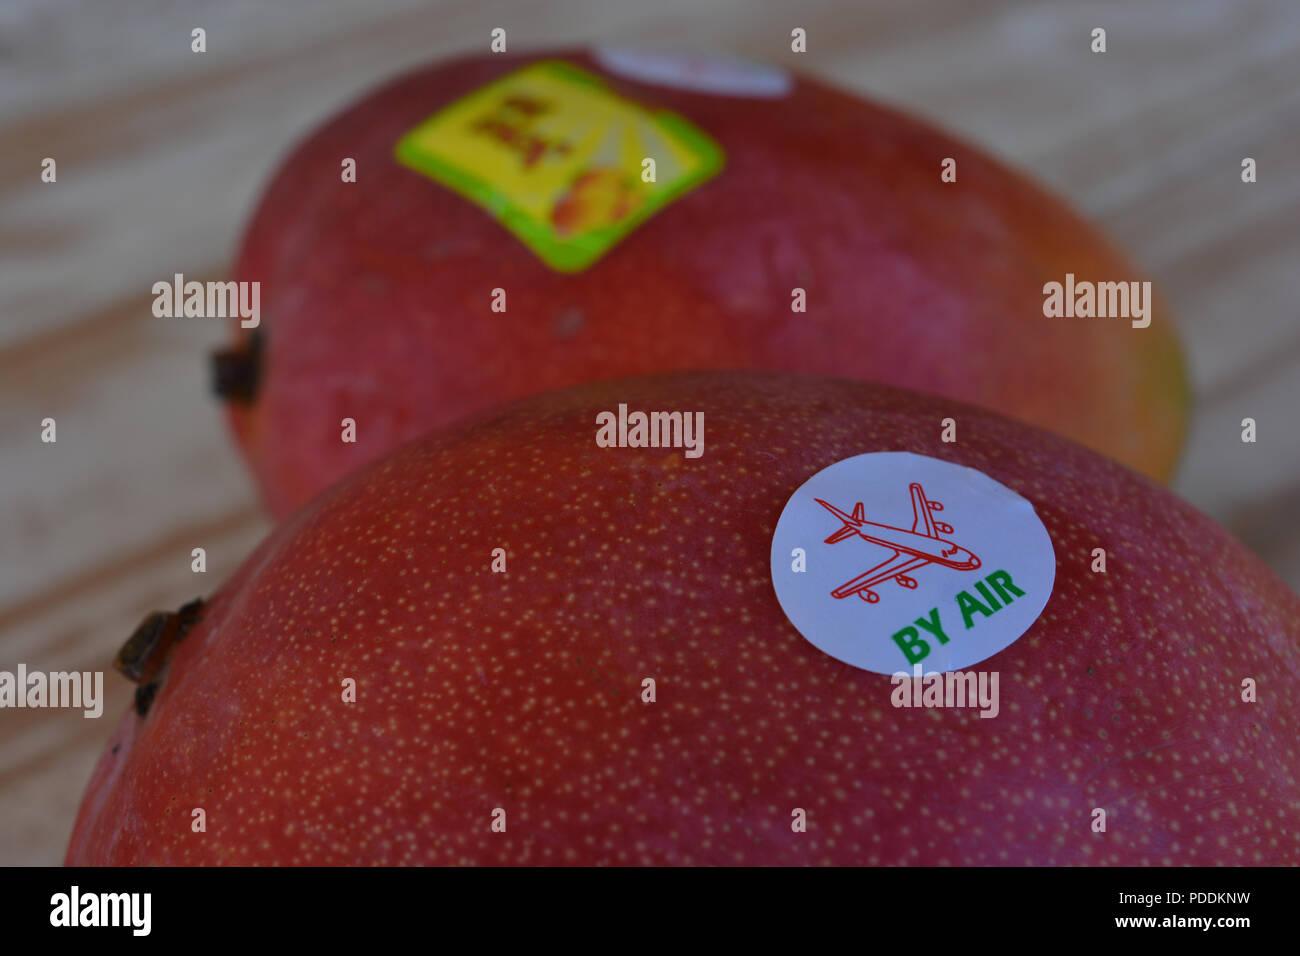 Por aire pegatina de mango fresco de frutas en un supermercado de Gran Bretaña. Imagen conceptual, la huella de carbono. Imagen De Stock